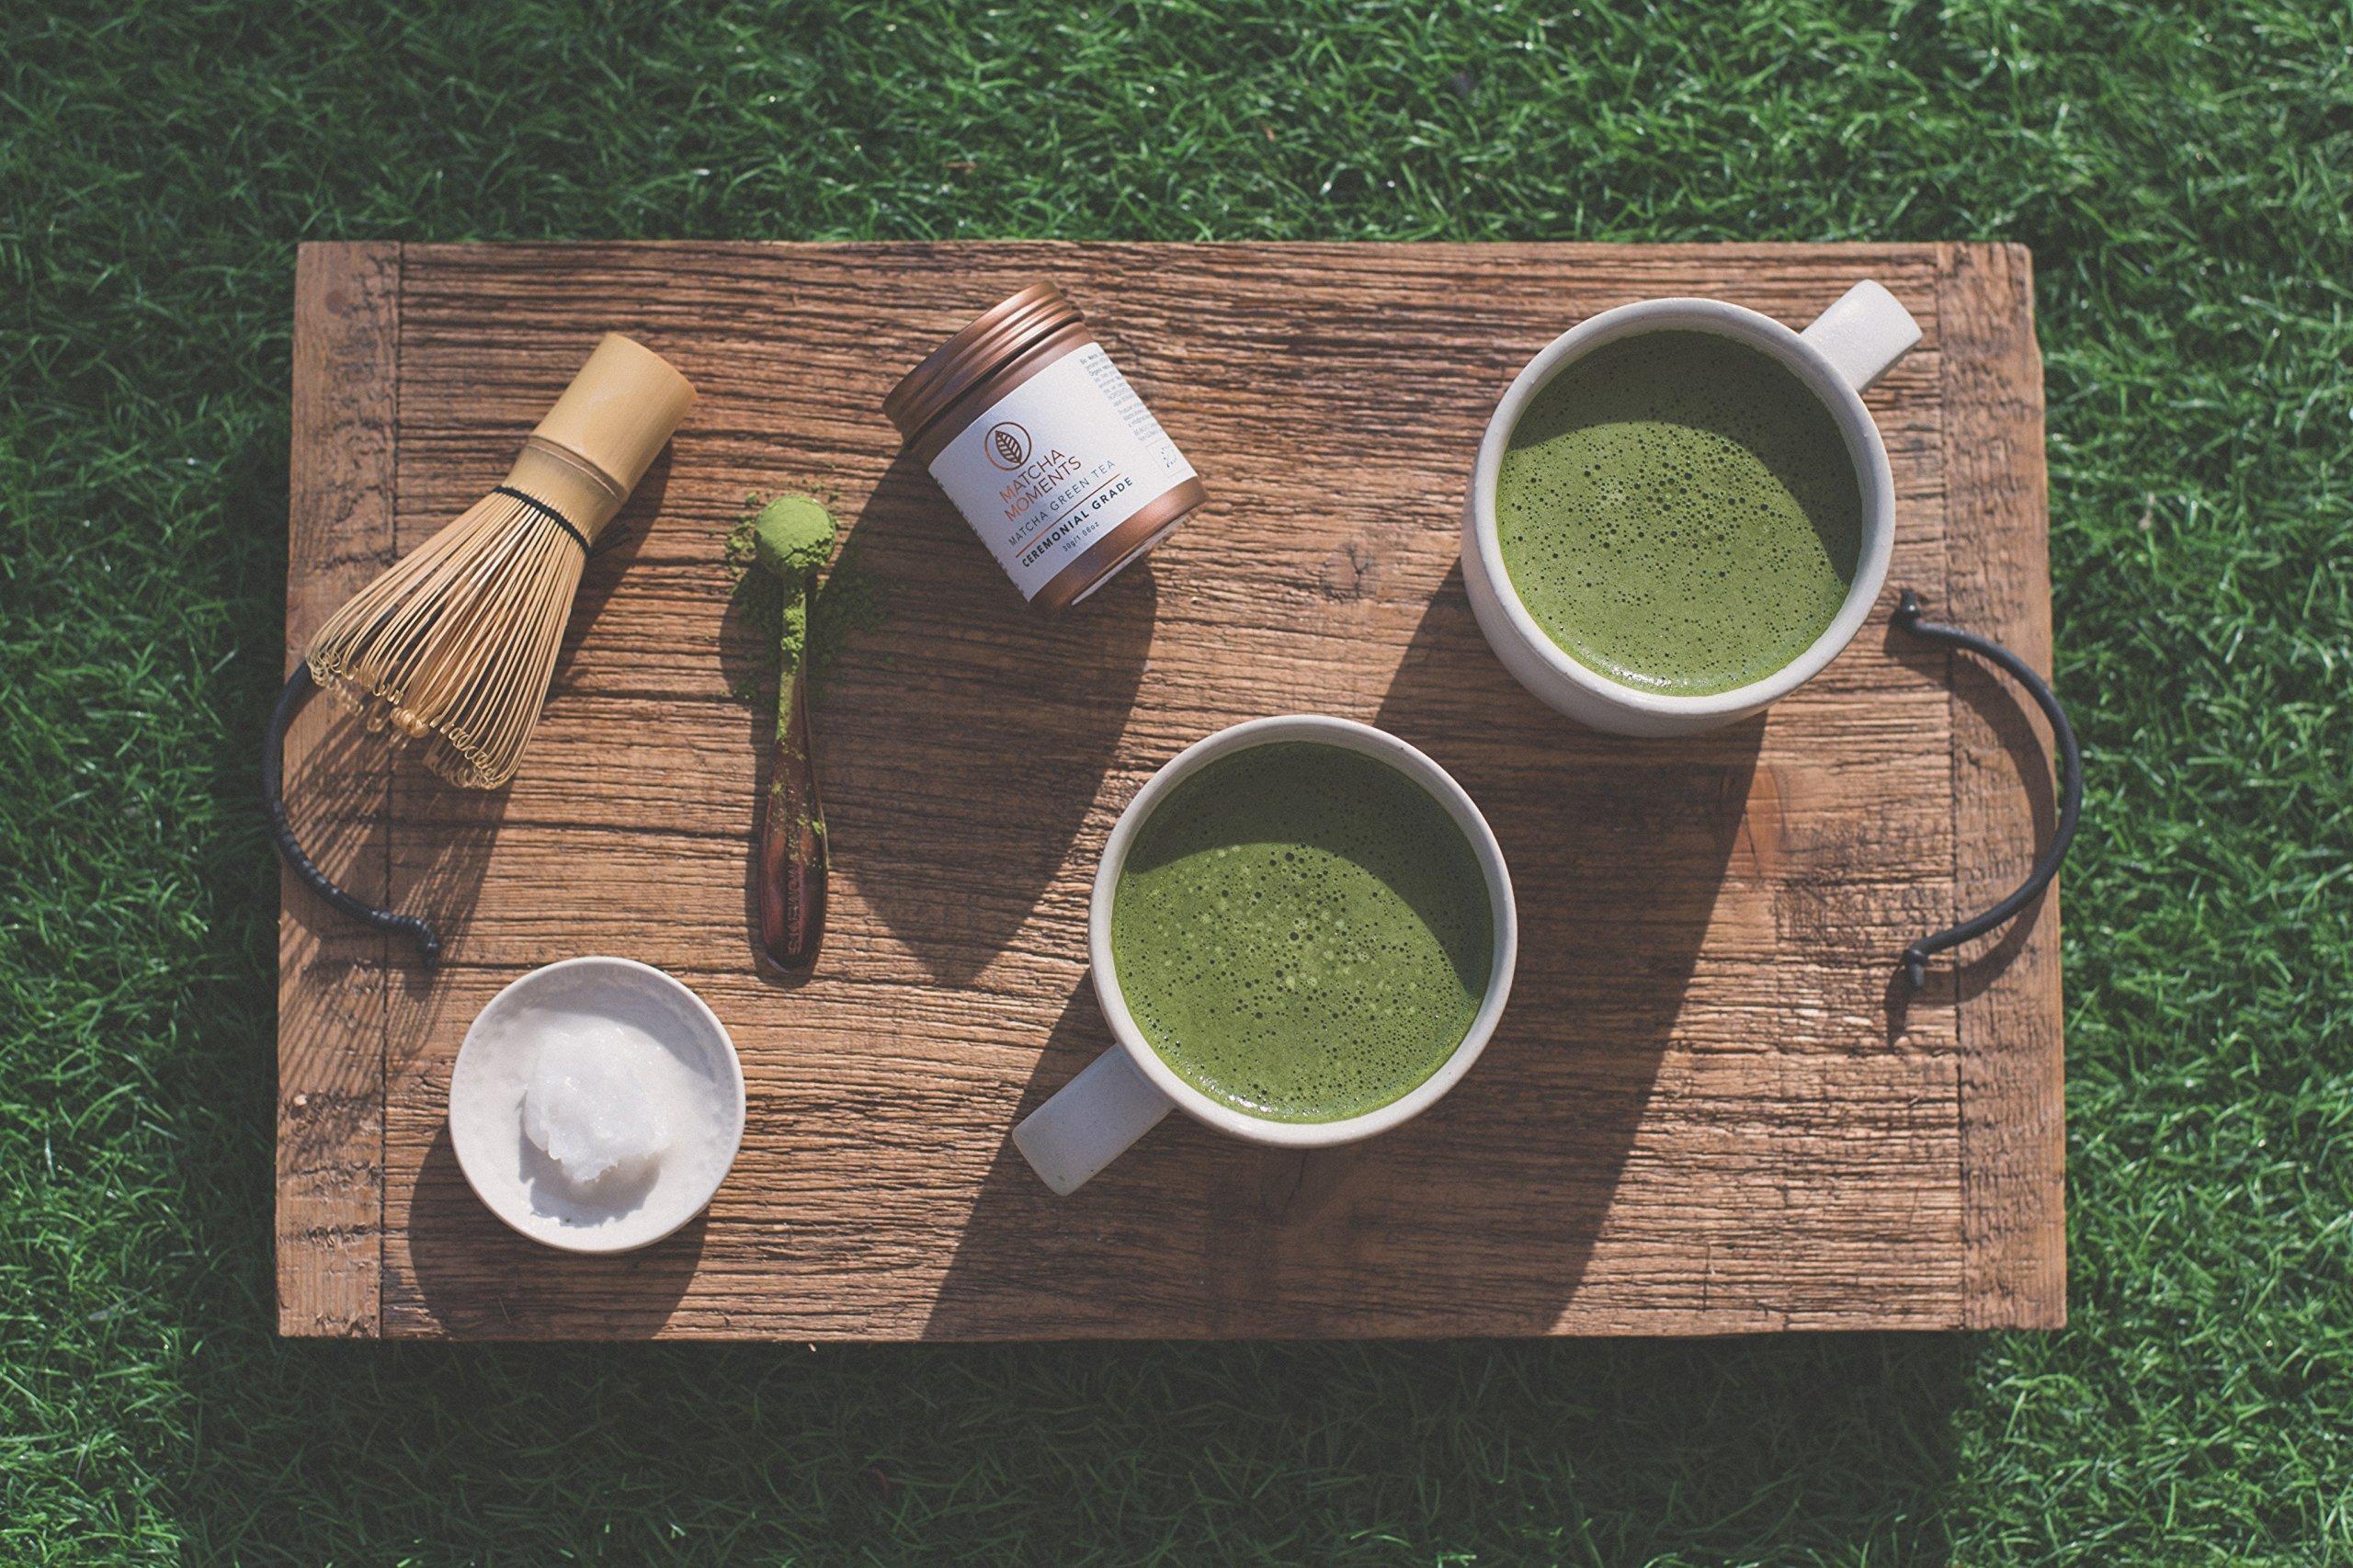 Matcha-Moments-Aus-Vogue-Magazine-Bio-Matcha-Pulver-Ceremonial-Grade-30g-Experten-Tee-aus-Japan-Fair-und-Nachhaltig-Pur-Trinken-Mixgetrnke